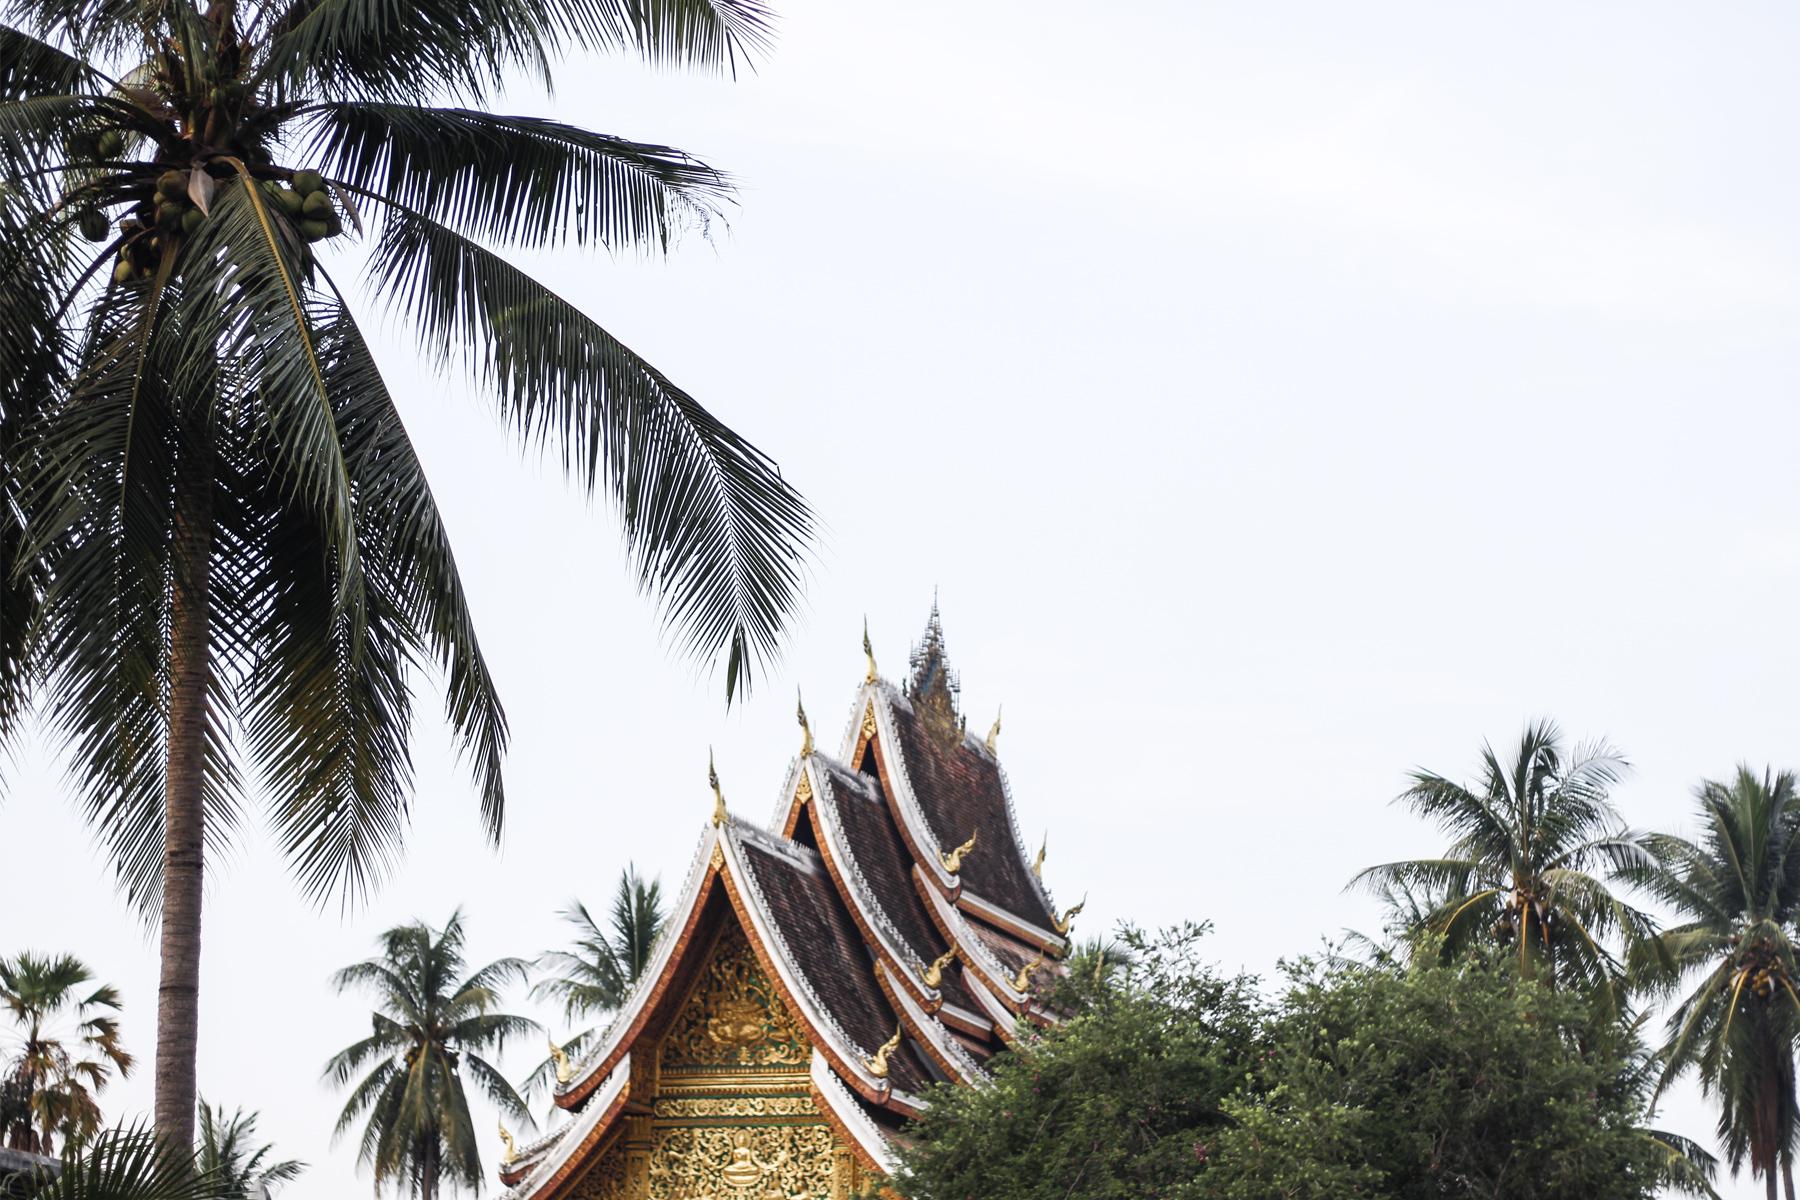 Luang Prabang Laos jungle temple